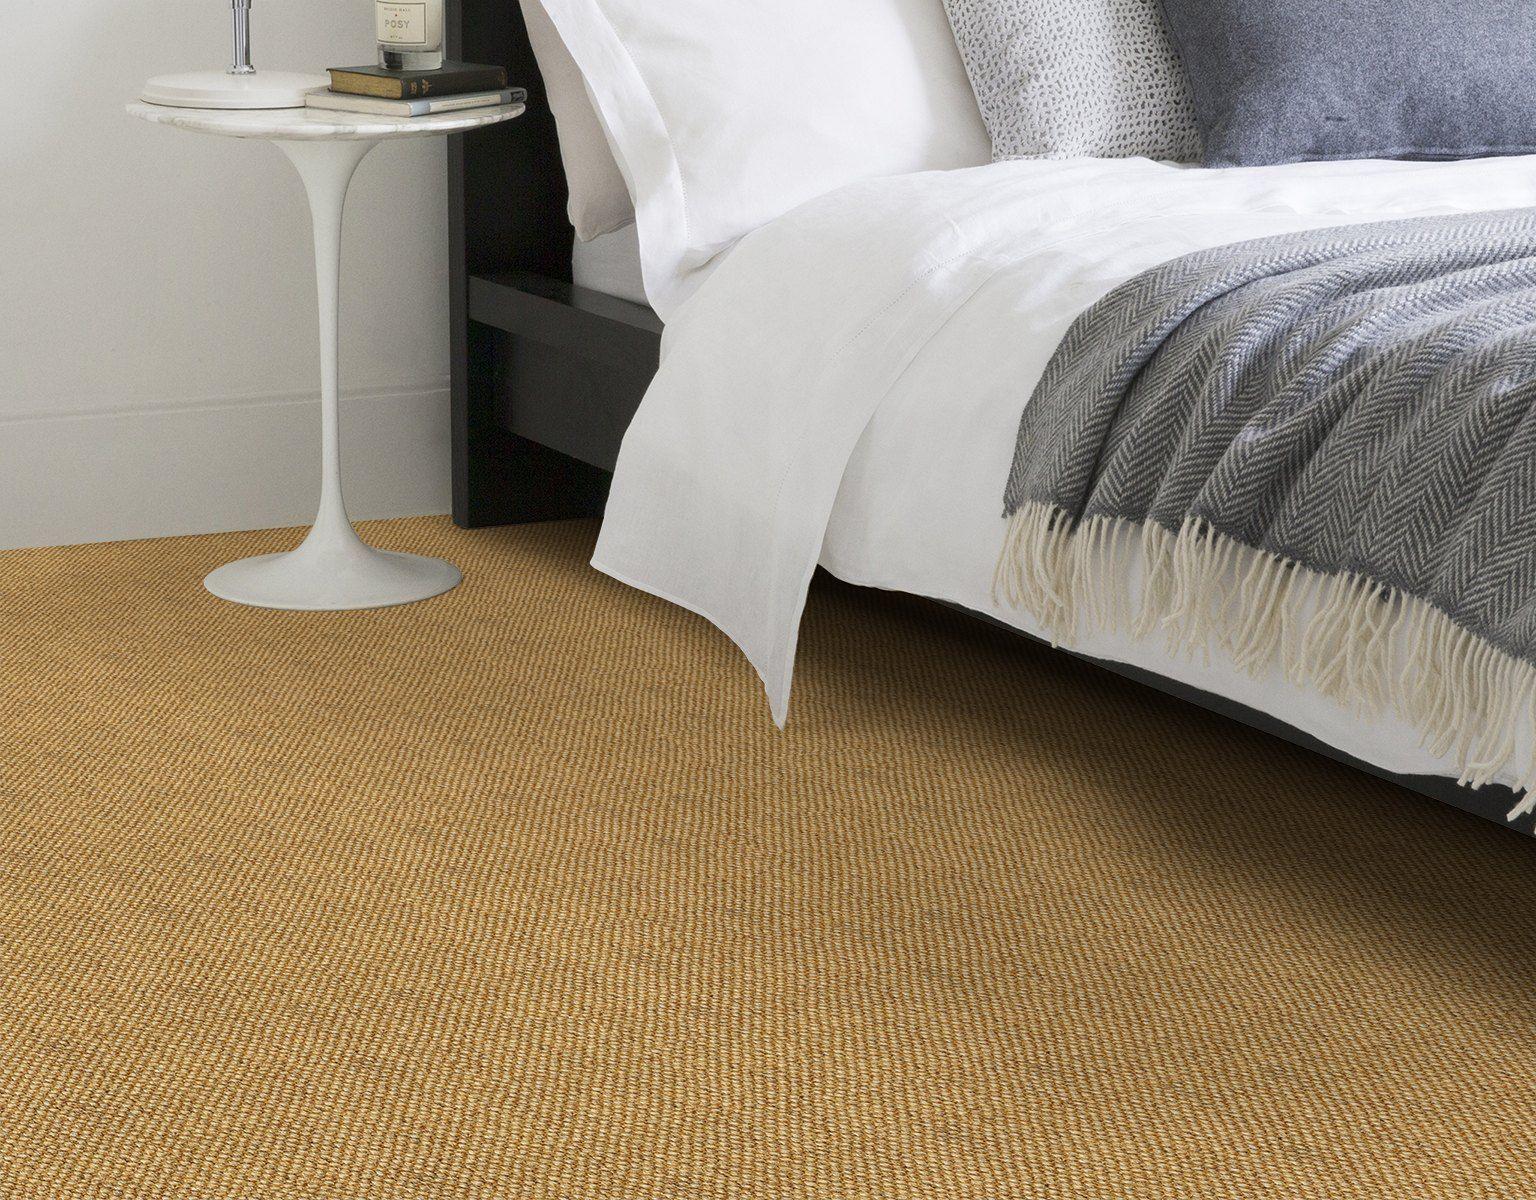 Sisal Panama Pershore 2508 Natural Carpet Alternative Flooring Sisal Panama Pershore 2508 In 2020 Alternative Flooring Bedroom Carpet Colors Living Room Carpet